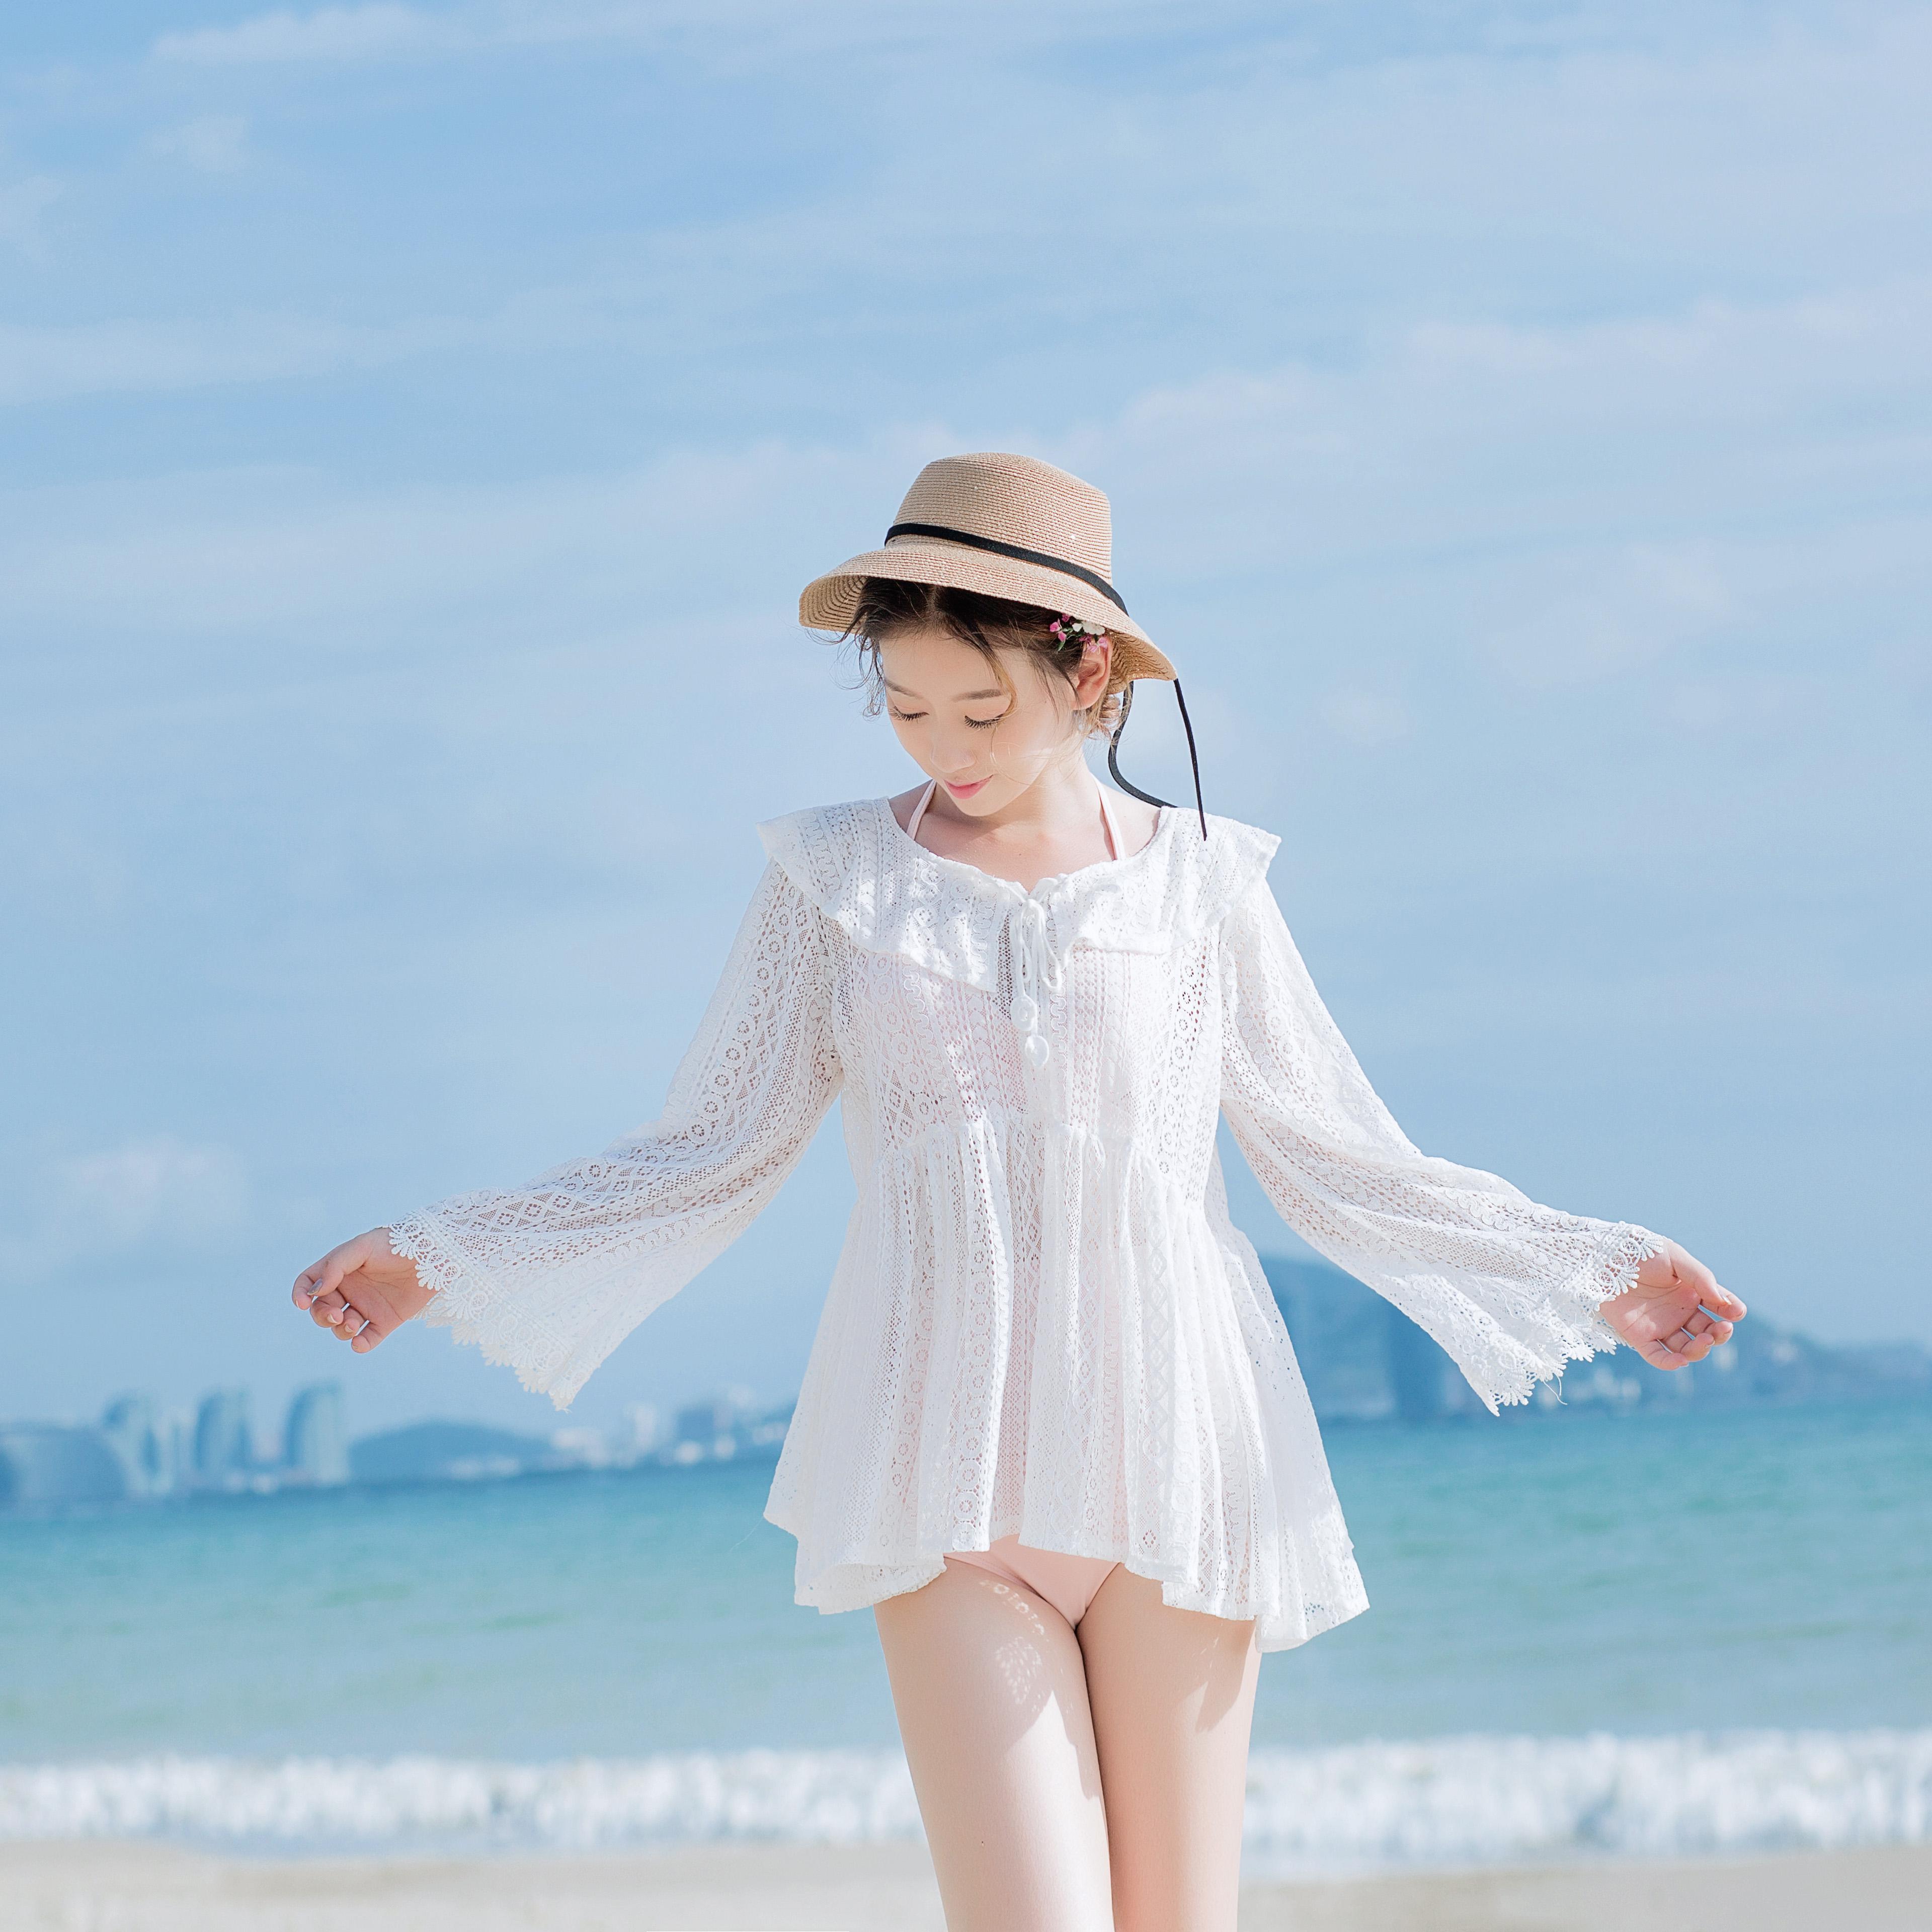 Pelindung Terik Matahari Bikini Blus Lengan Tanggung Tali Sepatu RESTONIC Berongga Kemeja Rajut Rok Luar Liburan